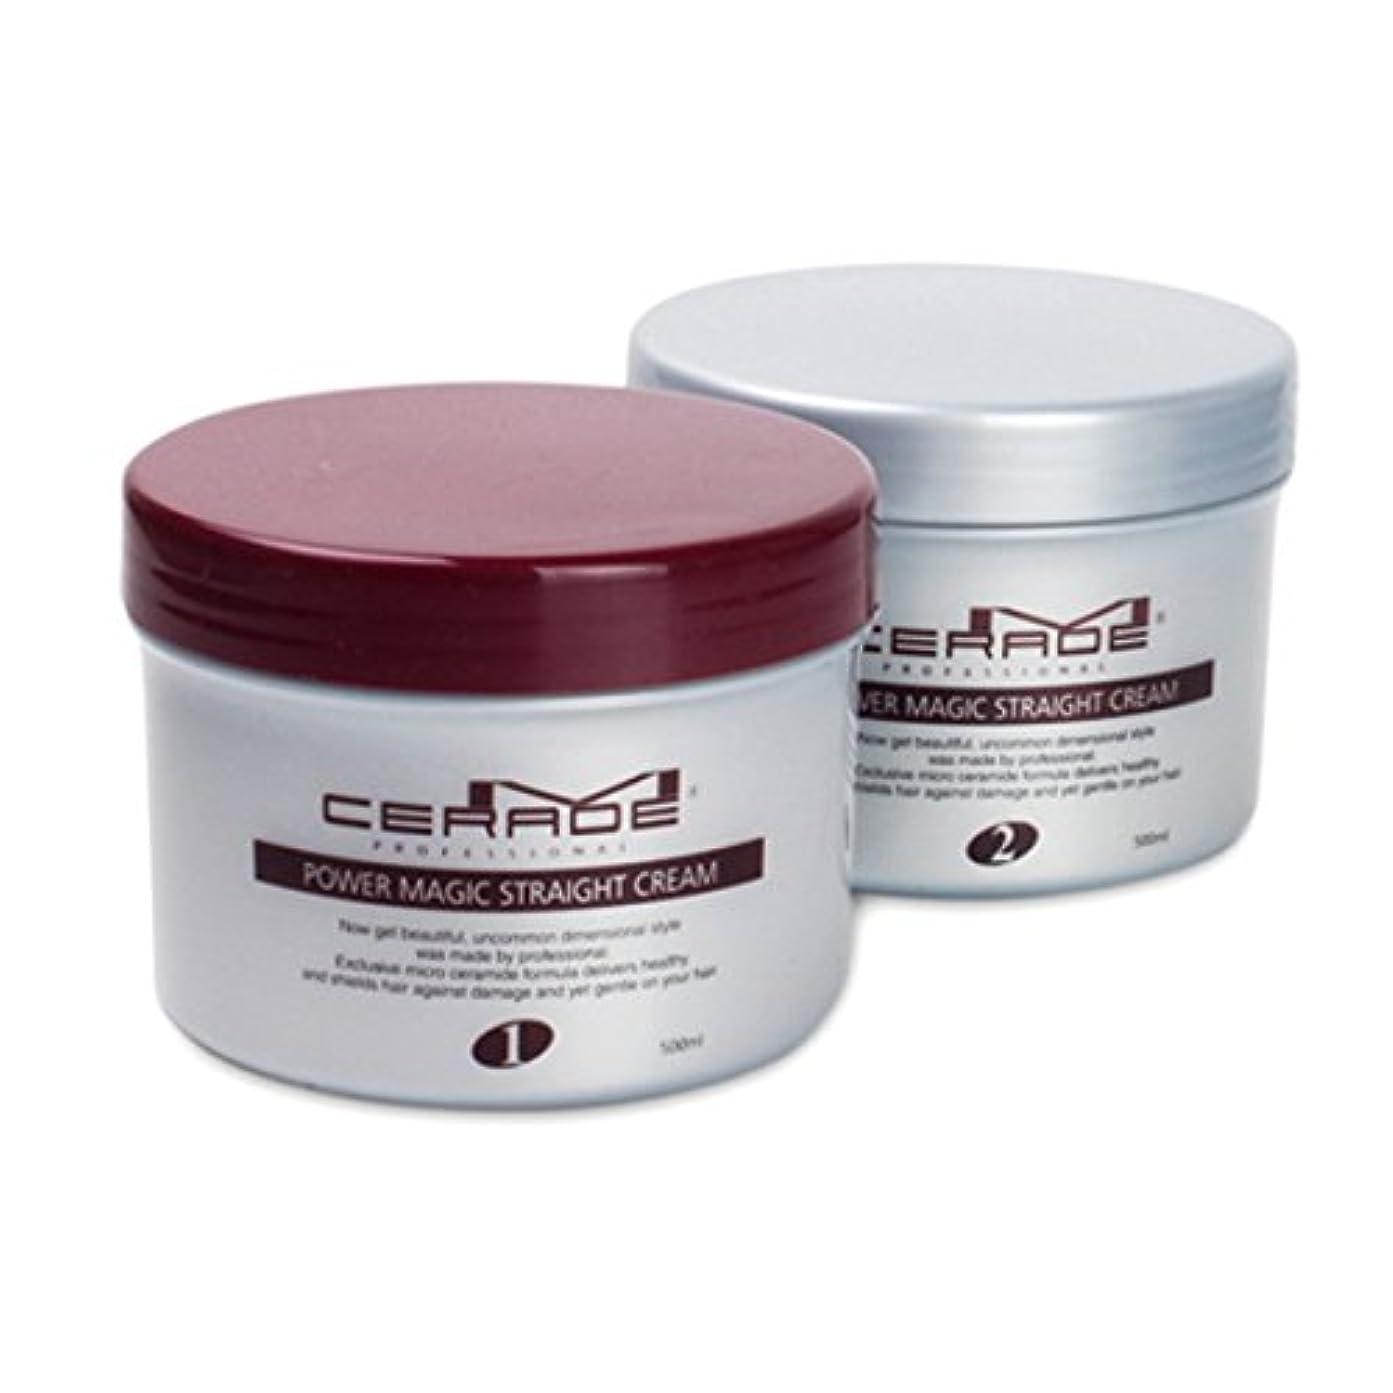 キャンペーンジャンク深遠【韓国コスメ】[Somang/希望]Somang Mcerade Power Magic Straight Cream (500ml+500ml)/希望エムセロッドパワーマジックストレートクリーム(海外直送品)